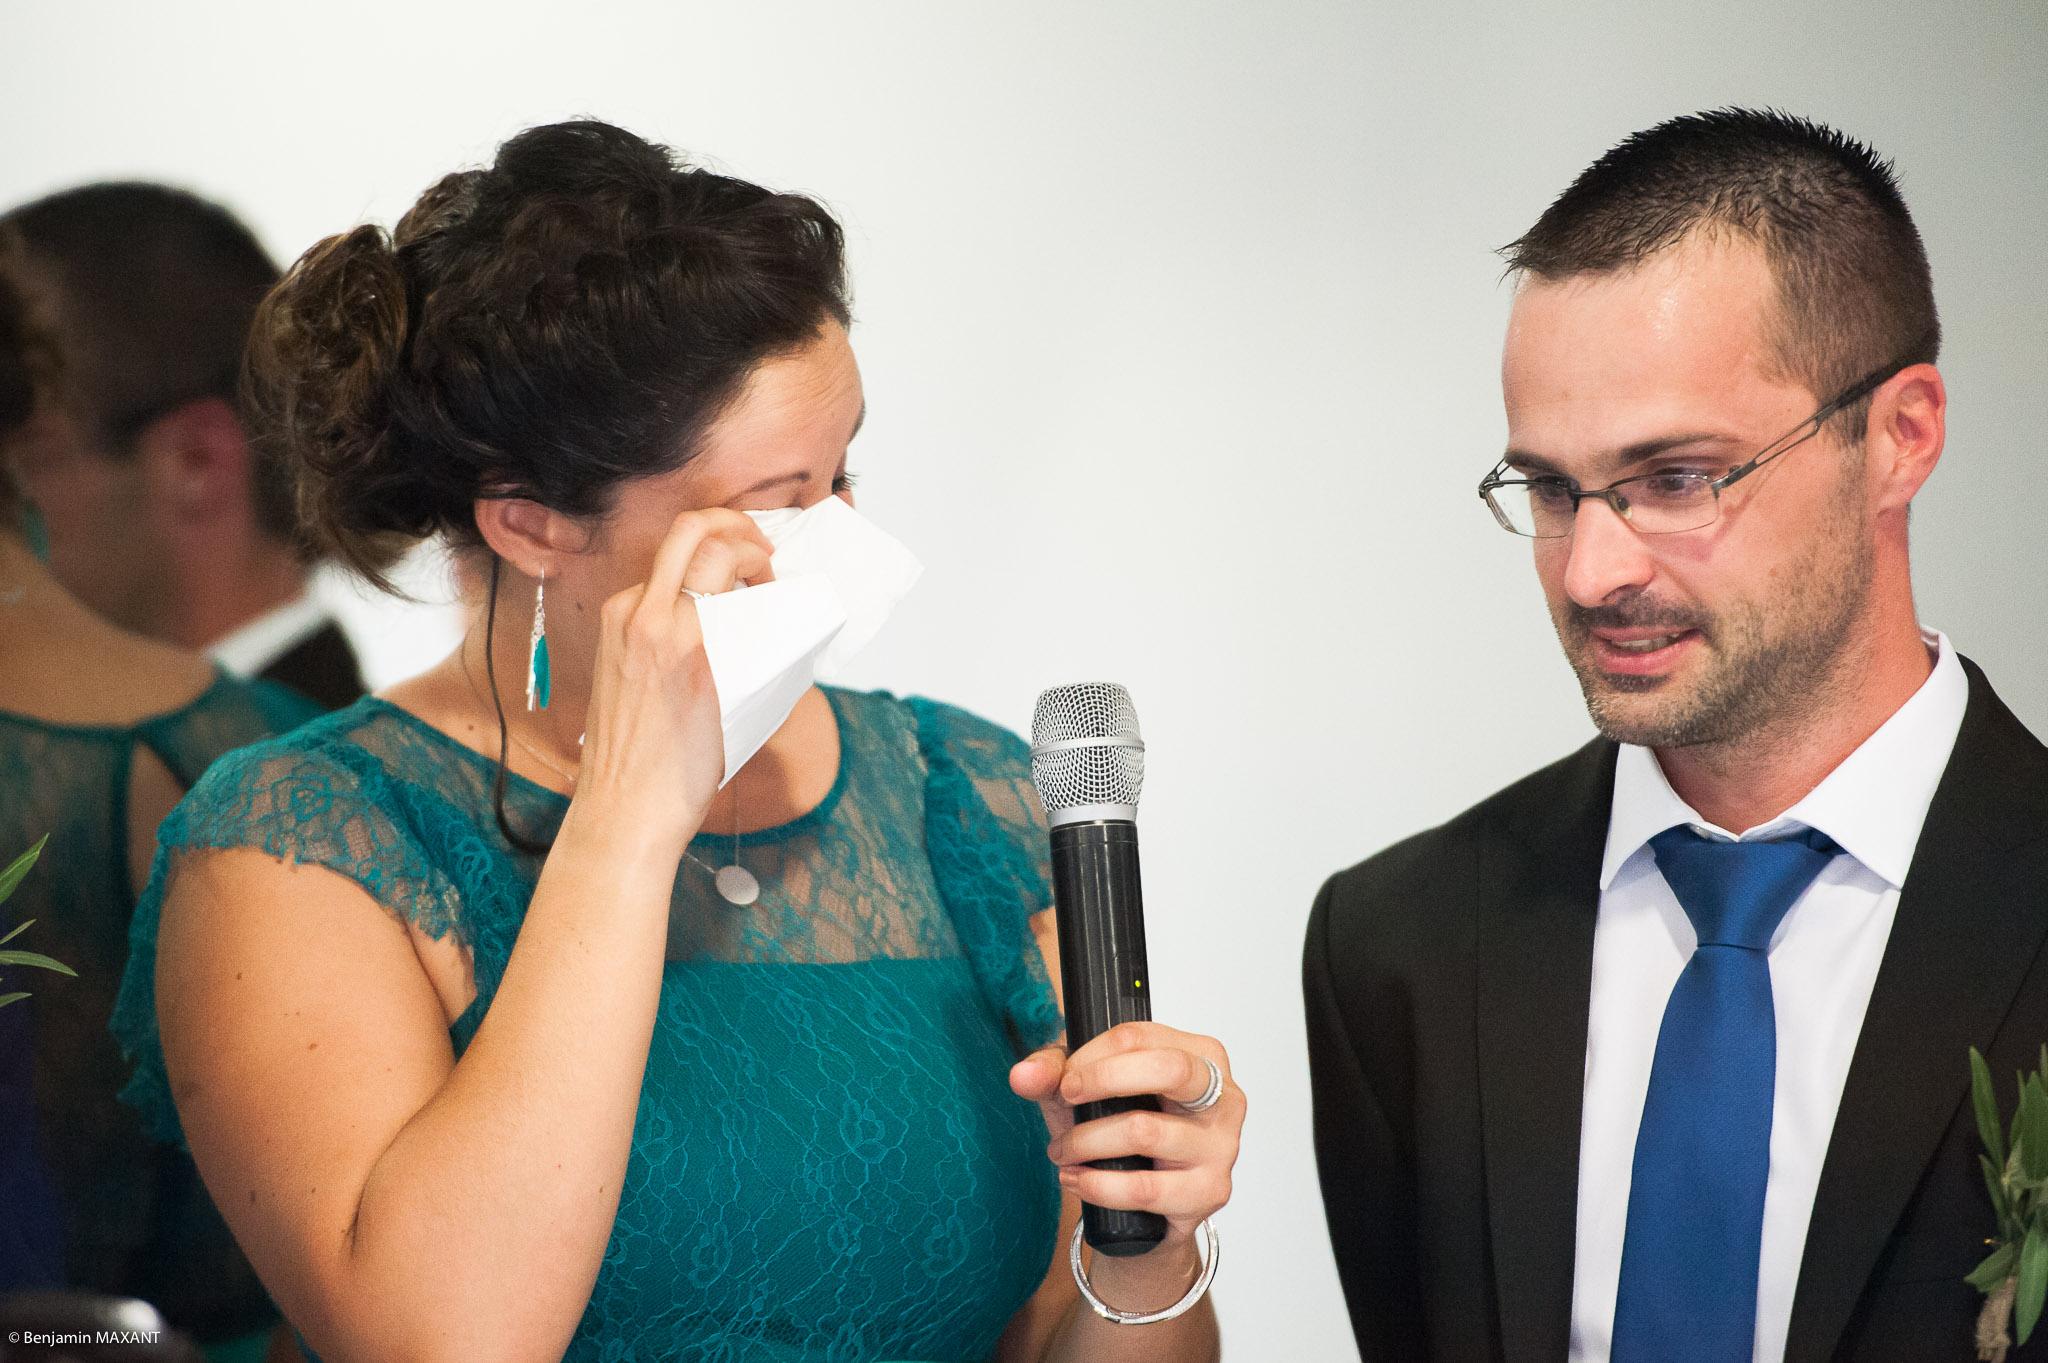 Les discours des témoins lors de la cérémonie laïque